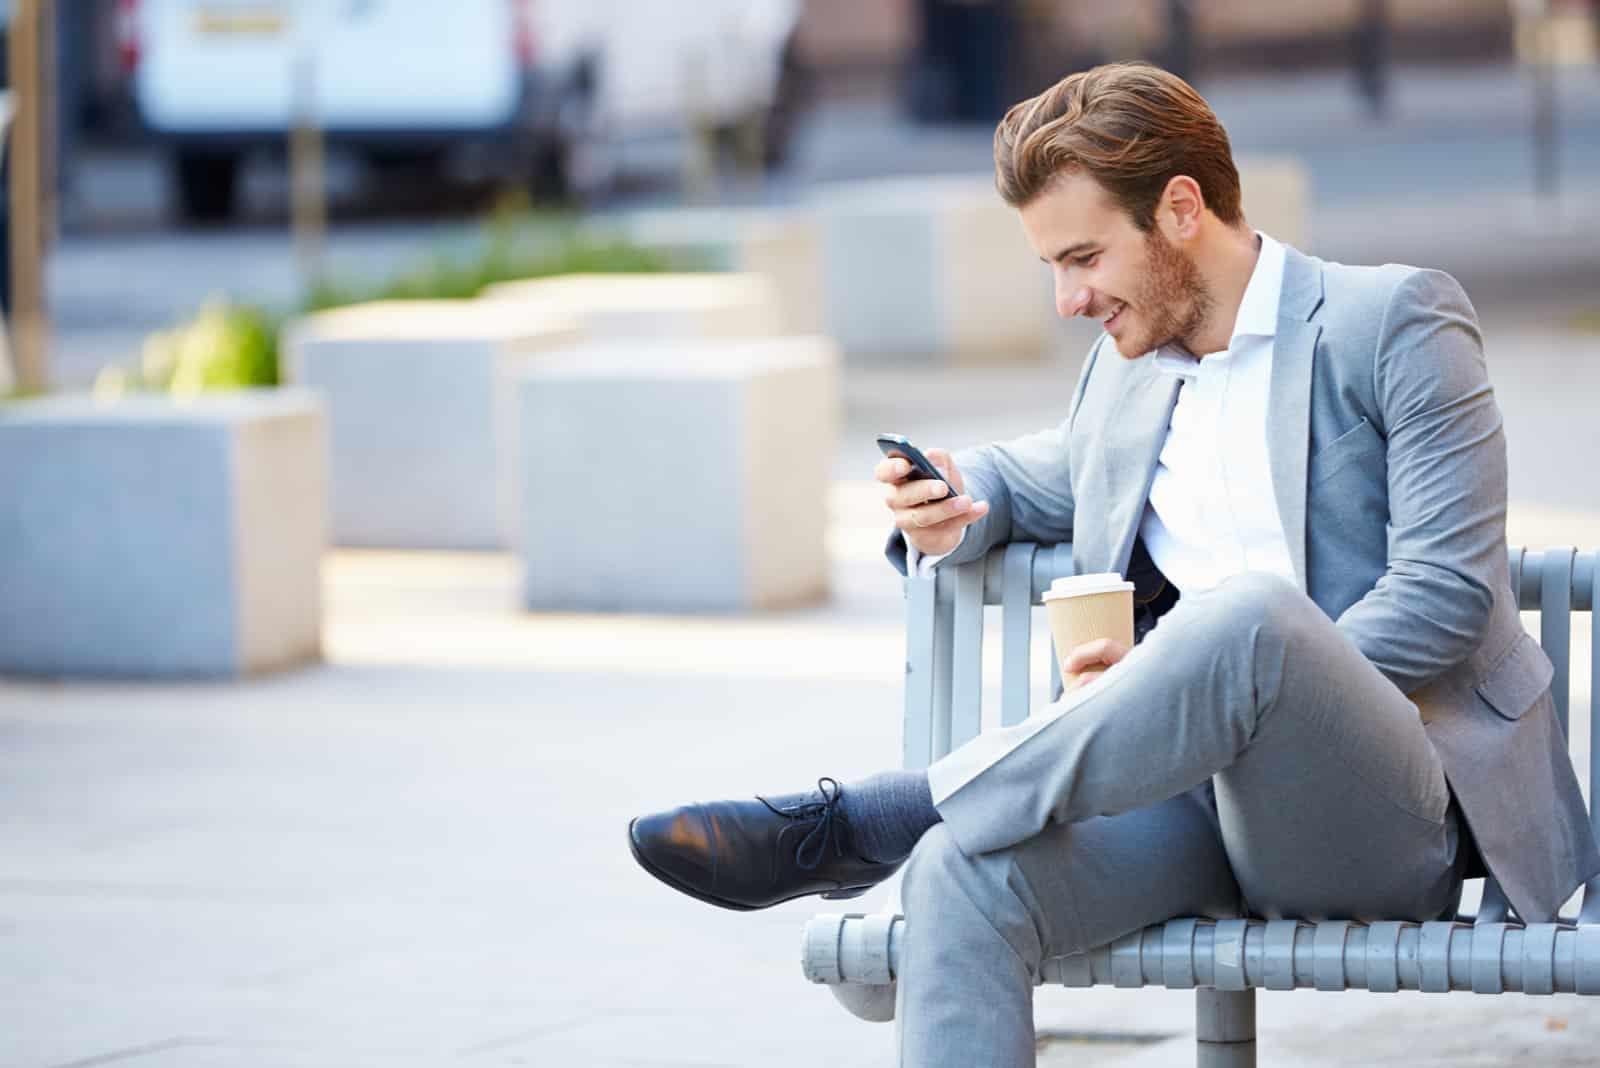 un homme souriant en costume est assis sur un banc de parc et les touches du téléphone